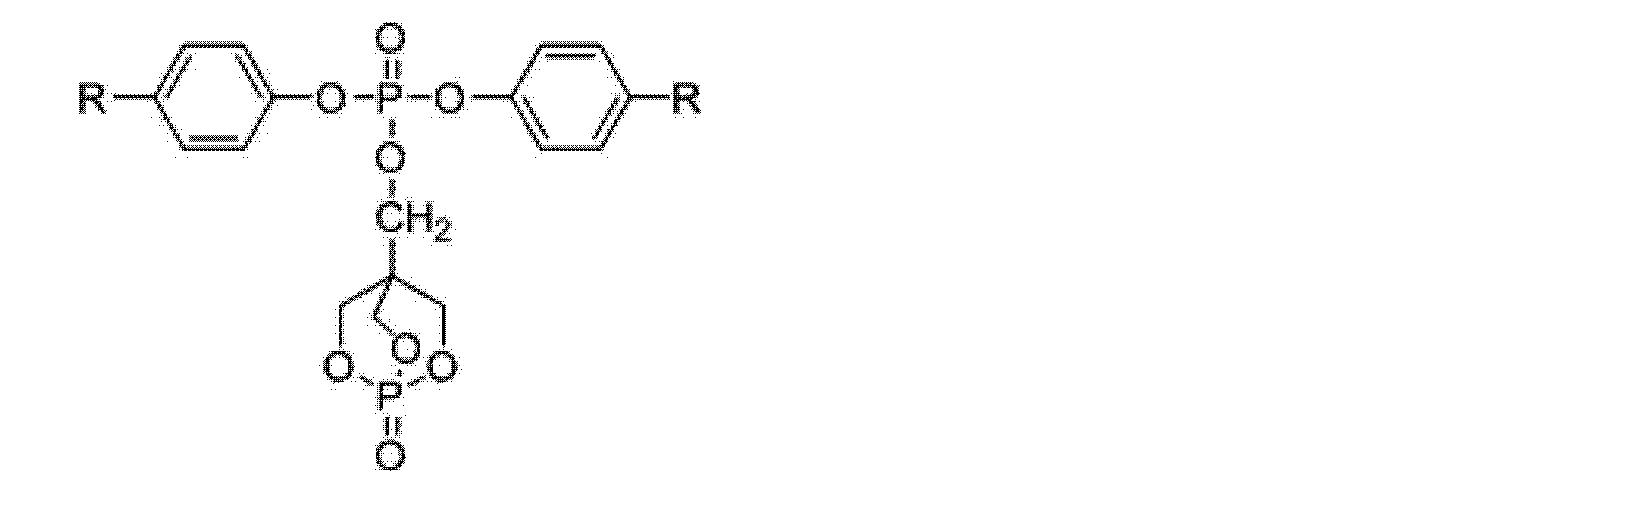 Figure CN103012848AC00021